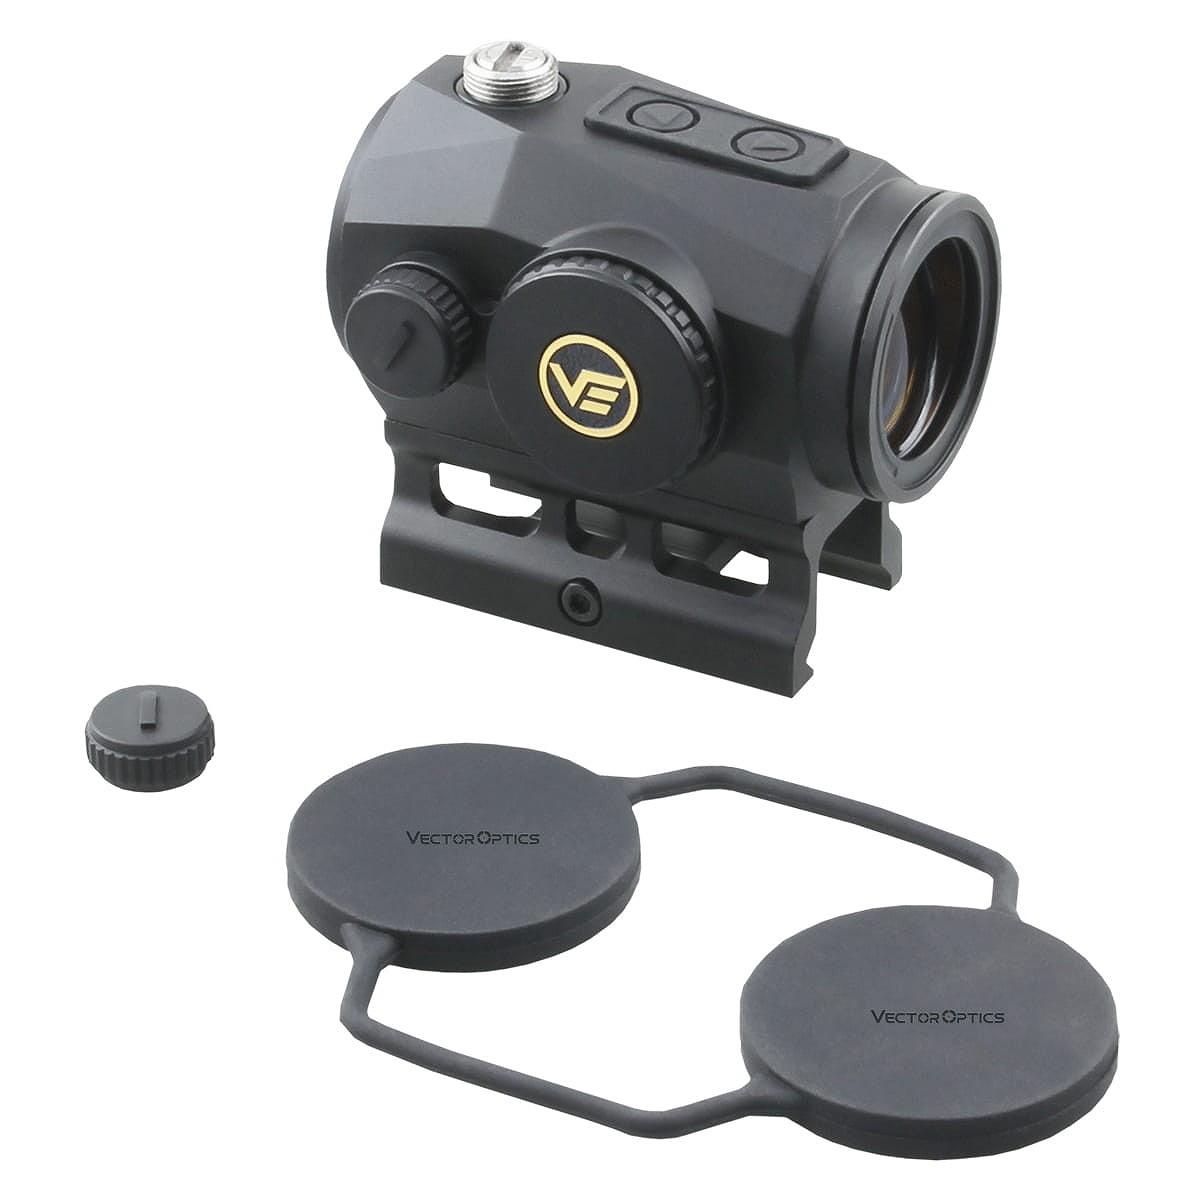 ベクターオプティクス ドットサイト Scrapper 1x25 Red Dot Sight Vector Optics